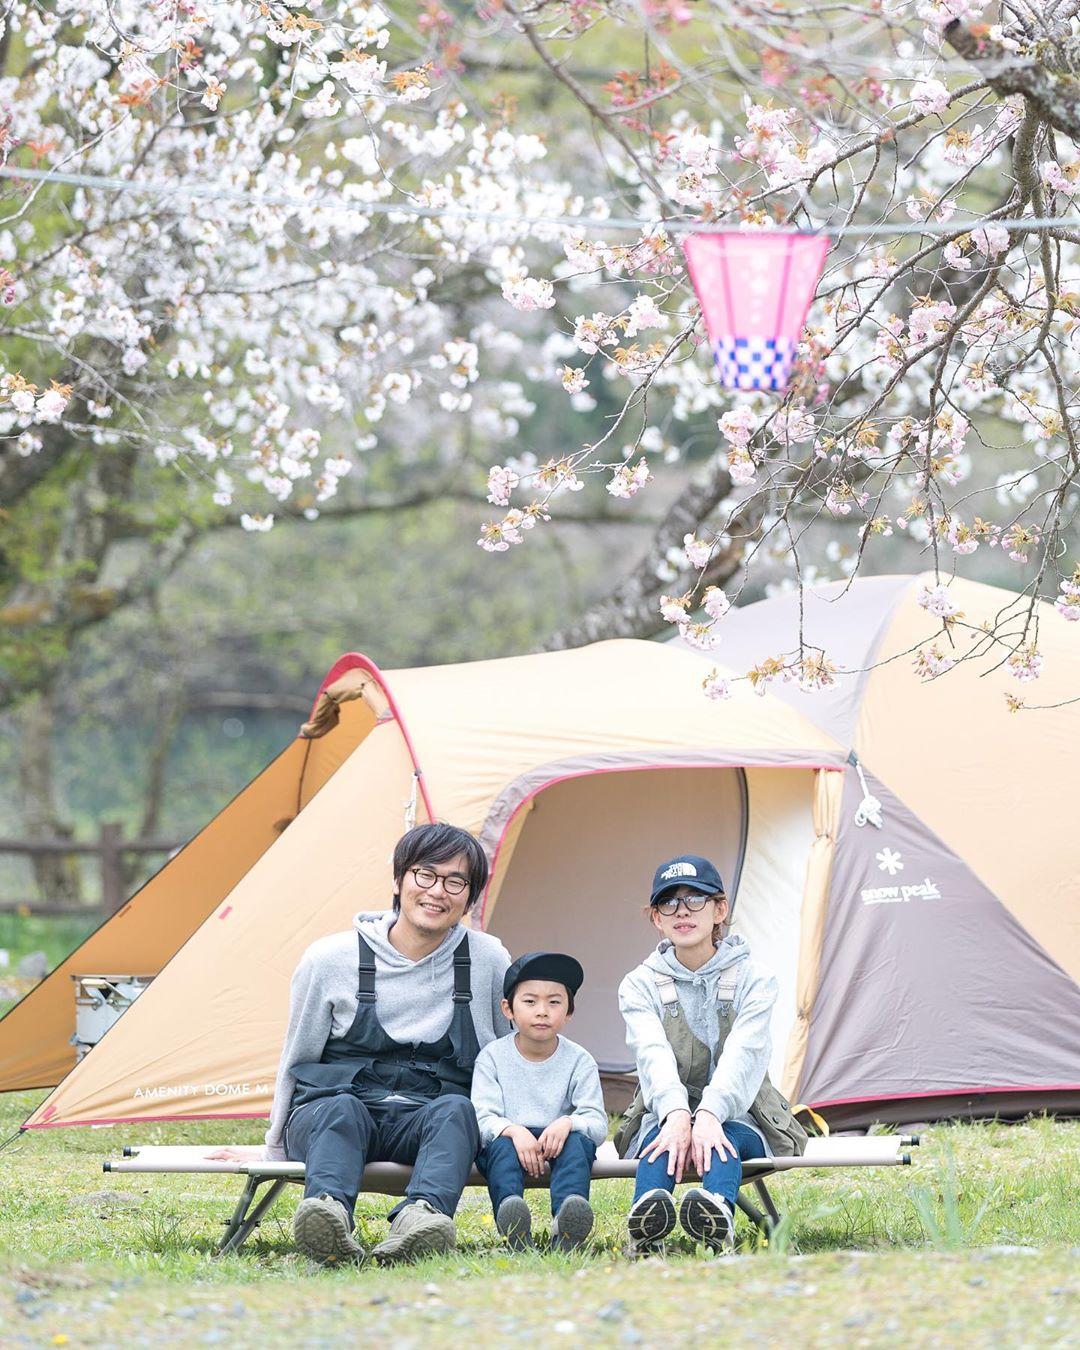 """Có một nước Nhật đẹp đến nao lòng qua ống kính của ông bố trẻ """"mê"""" chụp ảnh vợ và con trai, ai xem xong cũng """"tan chảy"""" - Ảnh 1."""